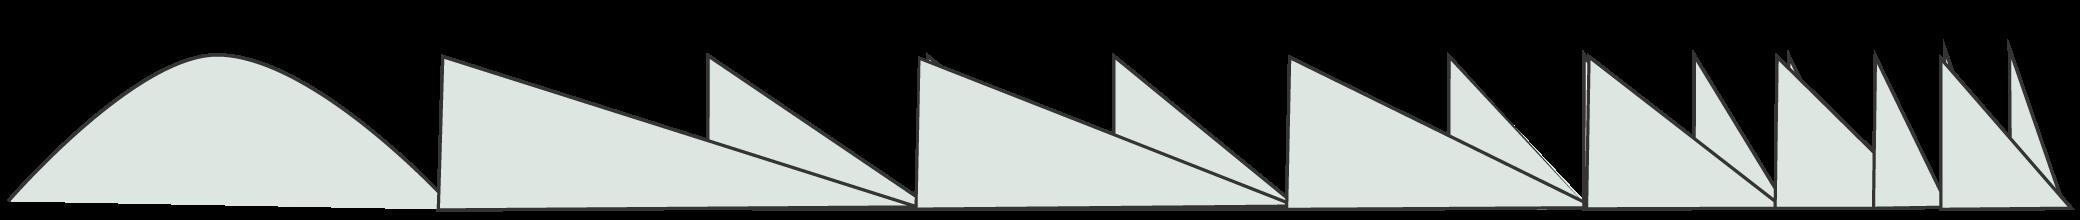 Profil trifokálnej šošovky 2. generácie